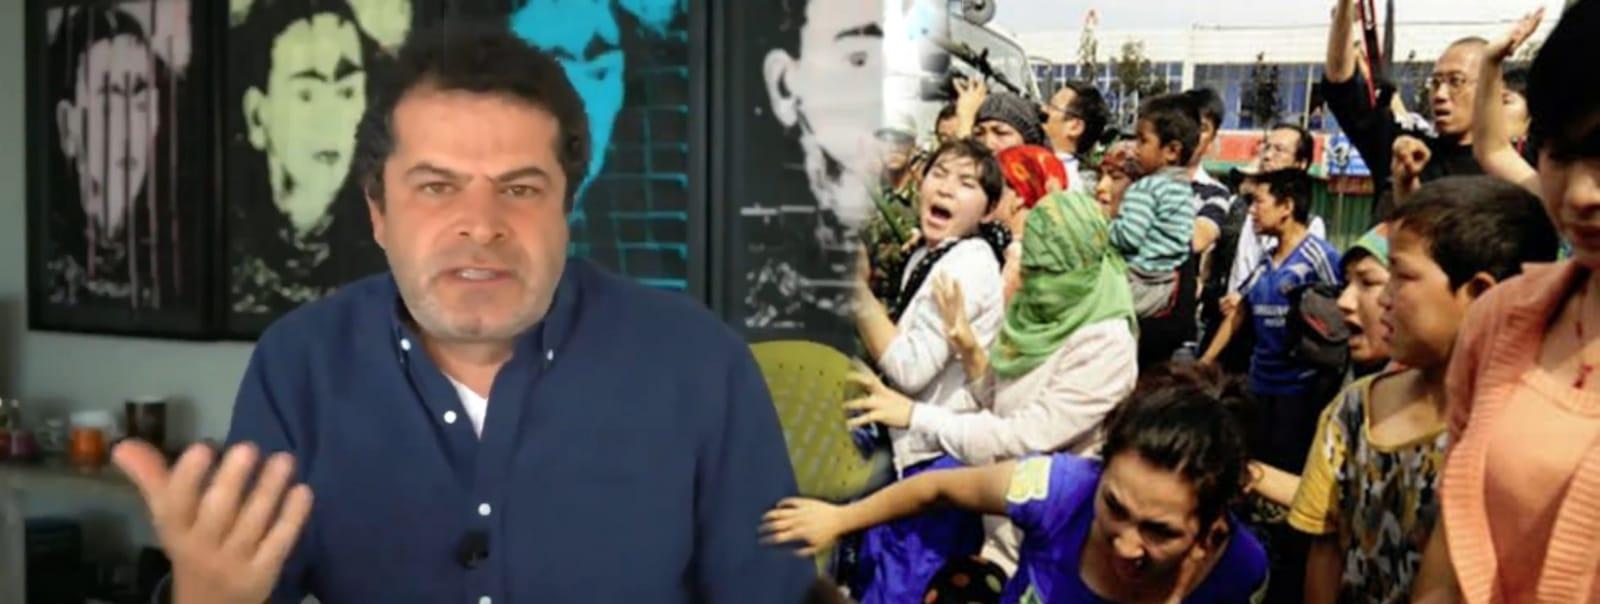 Cüneyt Özdemir, Çin'in zulmüne uğrayan Uygurlar'ı terör örgütü PKK ile aynı kefeye koydu